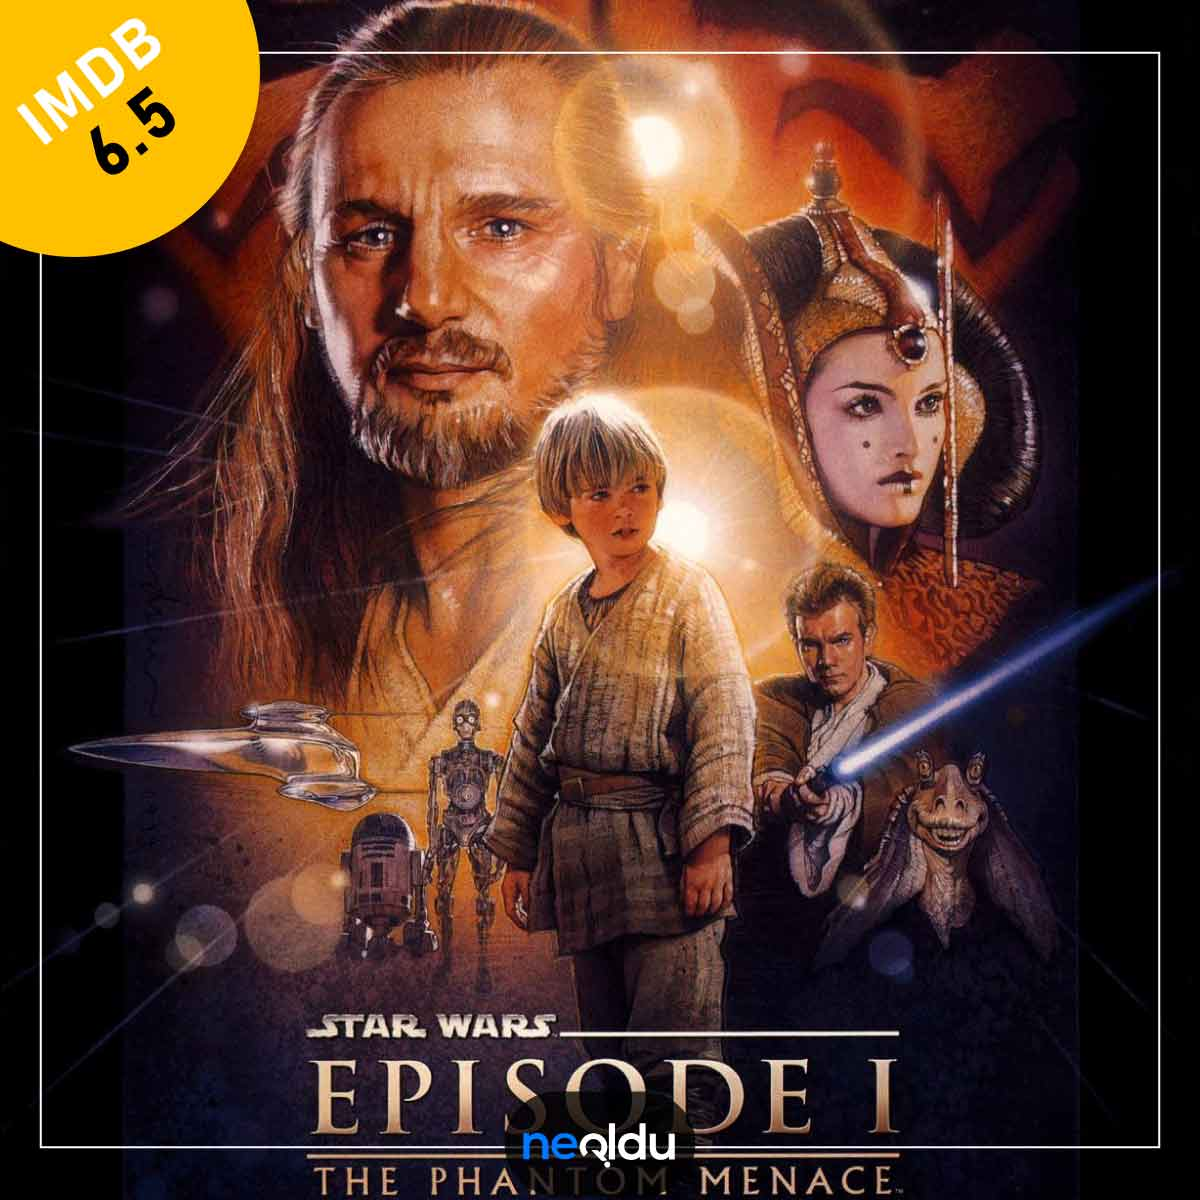 Star Wars filmleri izleme listesi